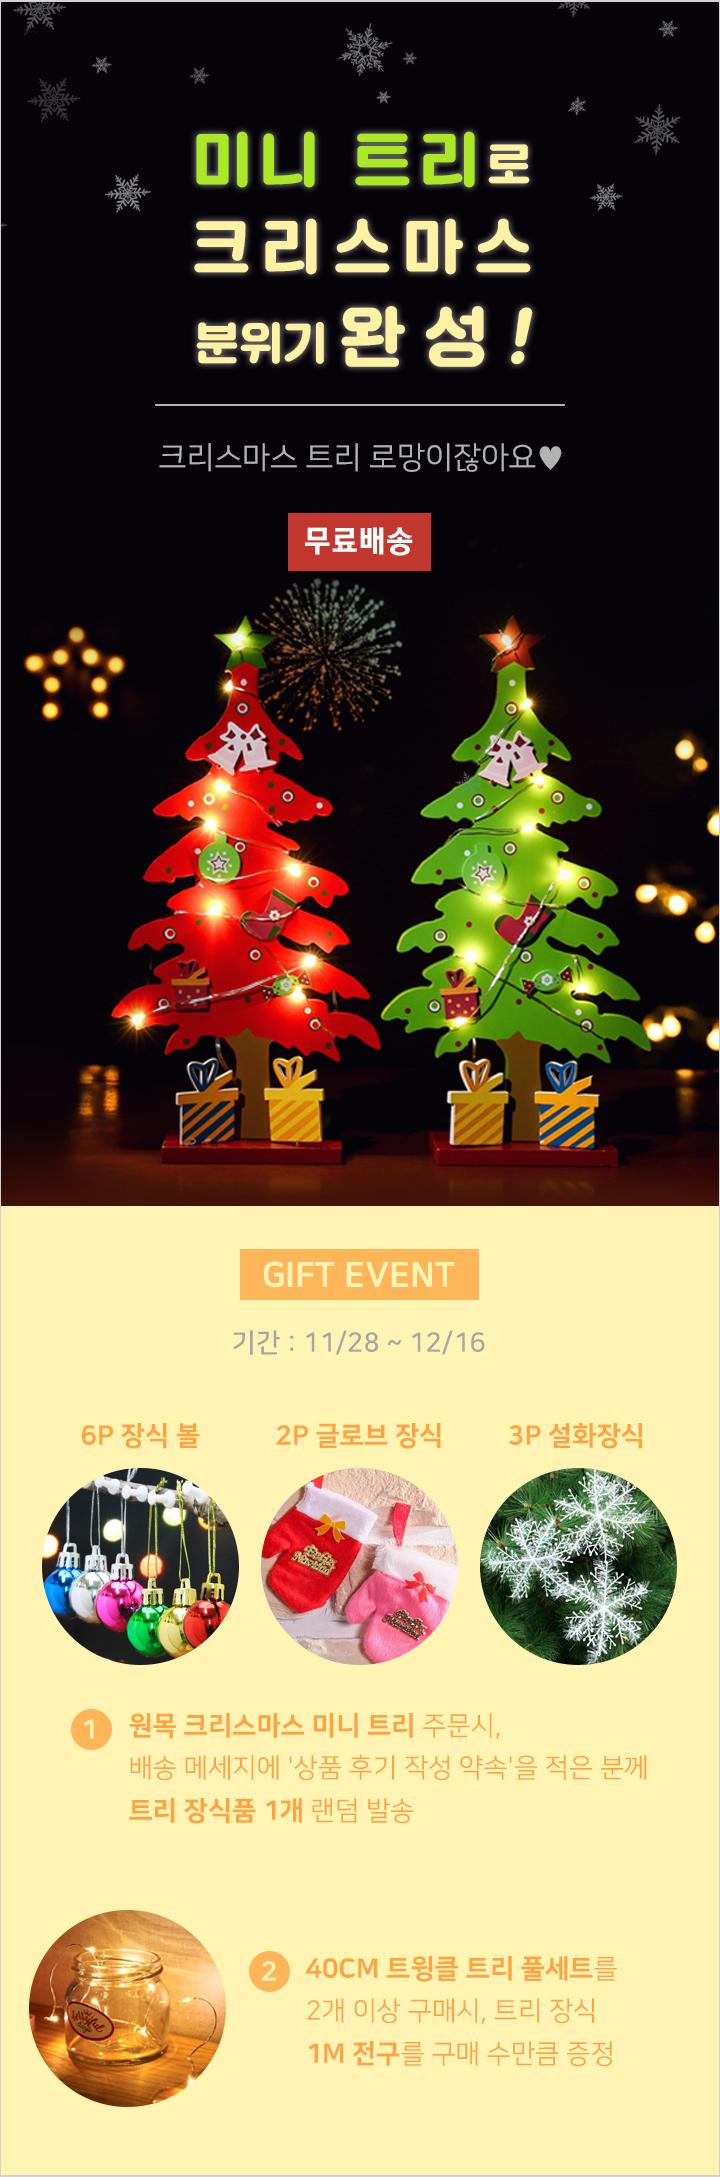 미니 트리로 크리스마스 분위기 완성